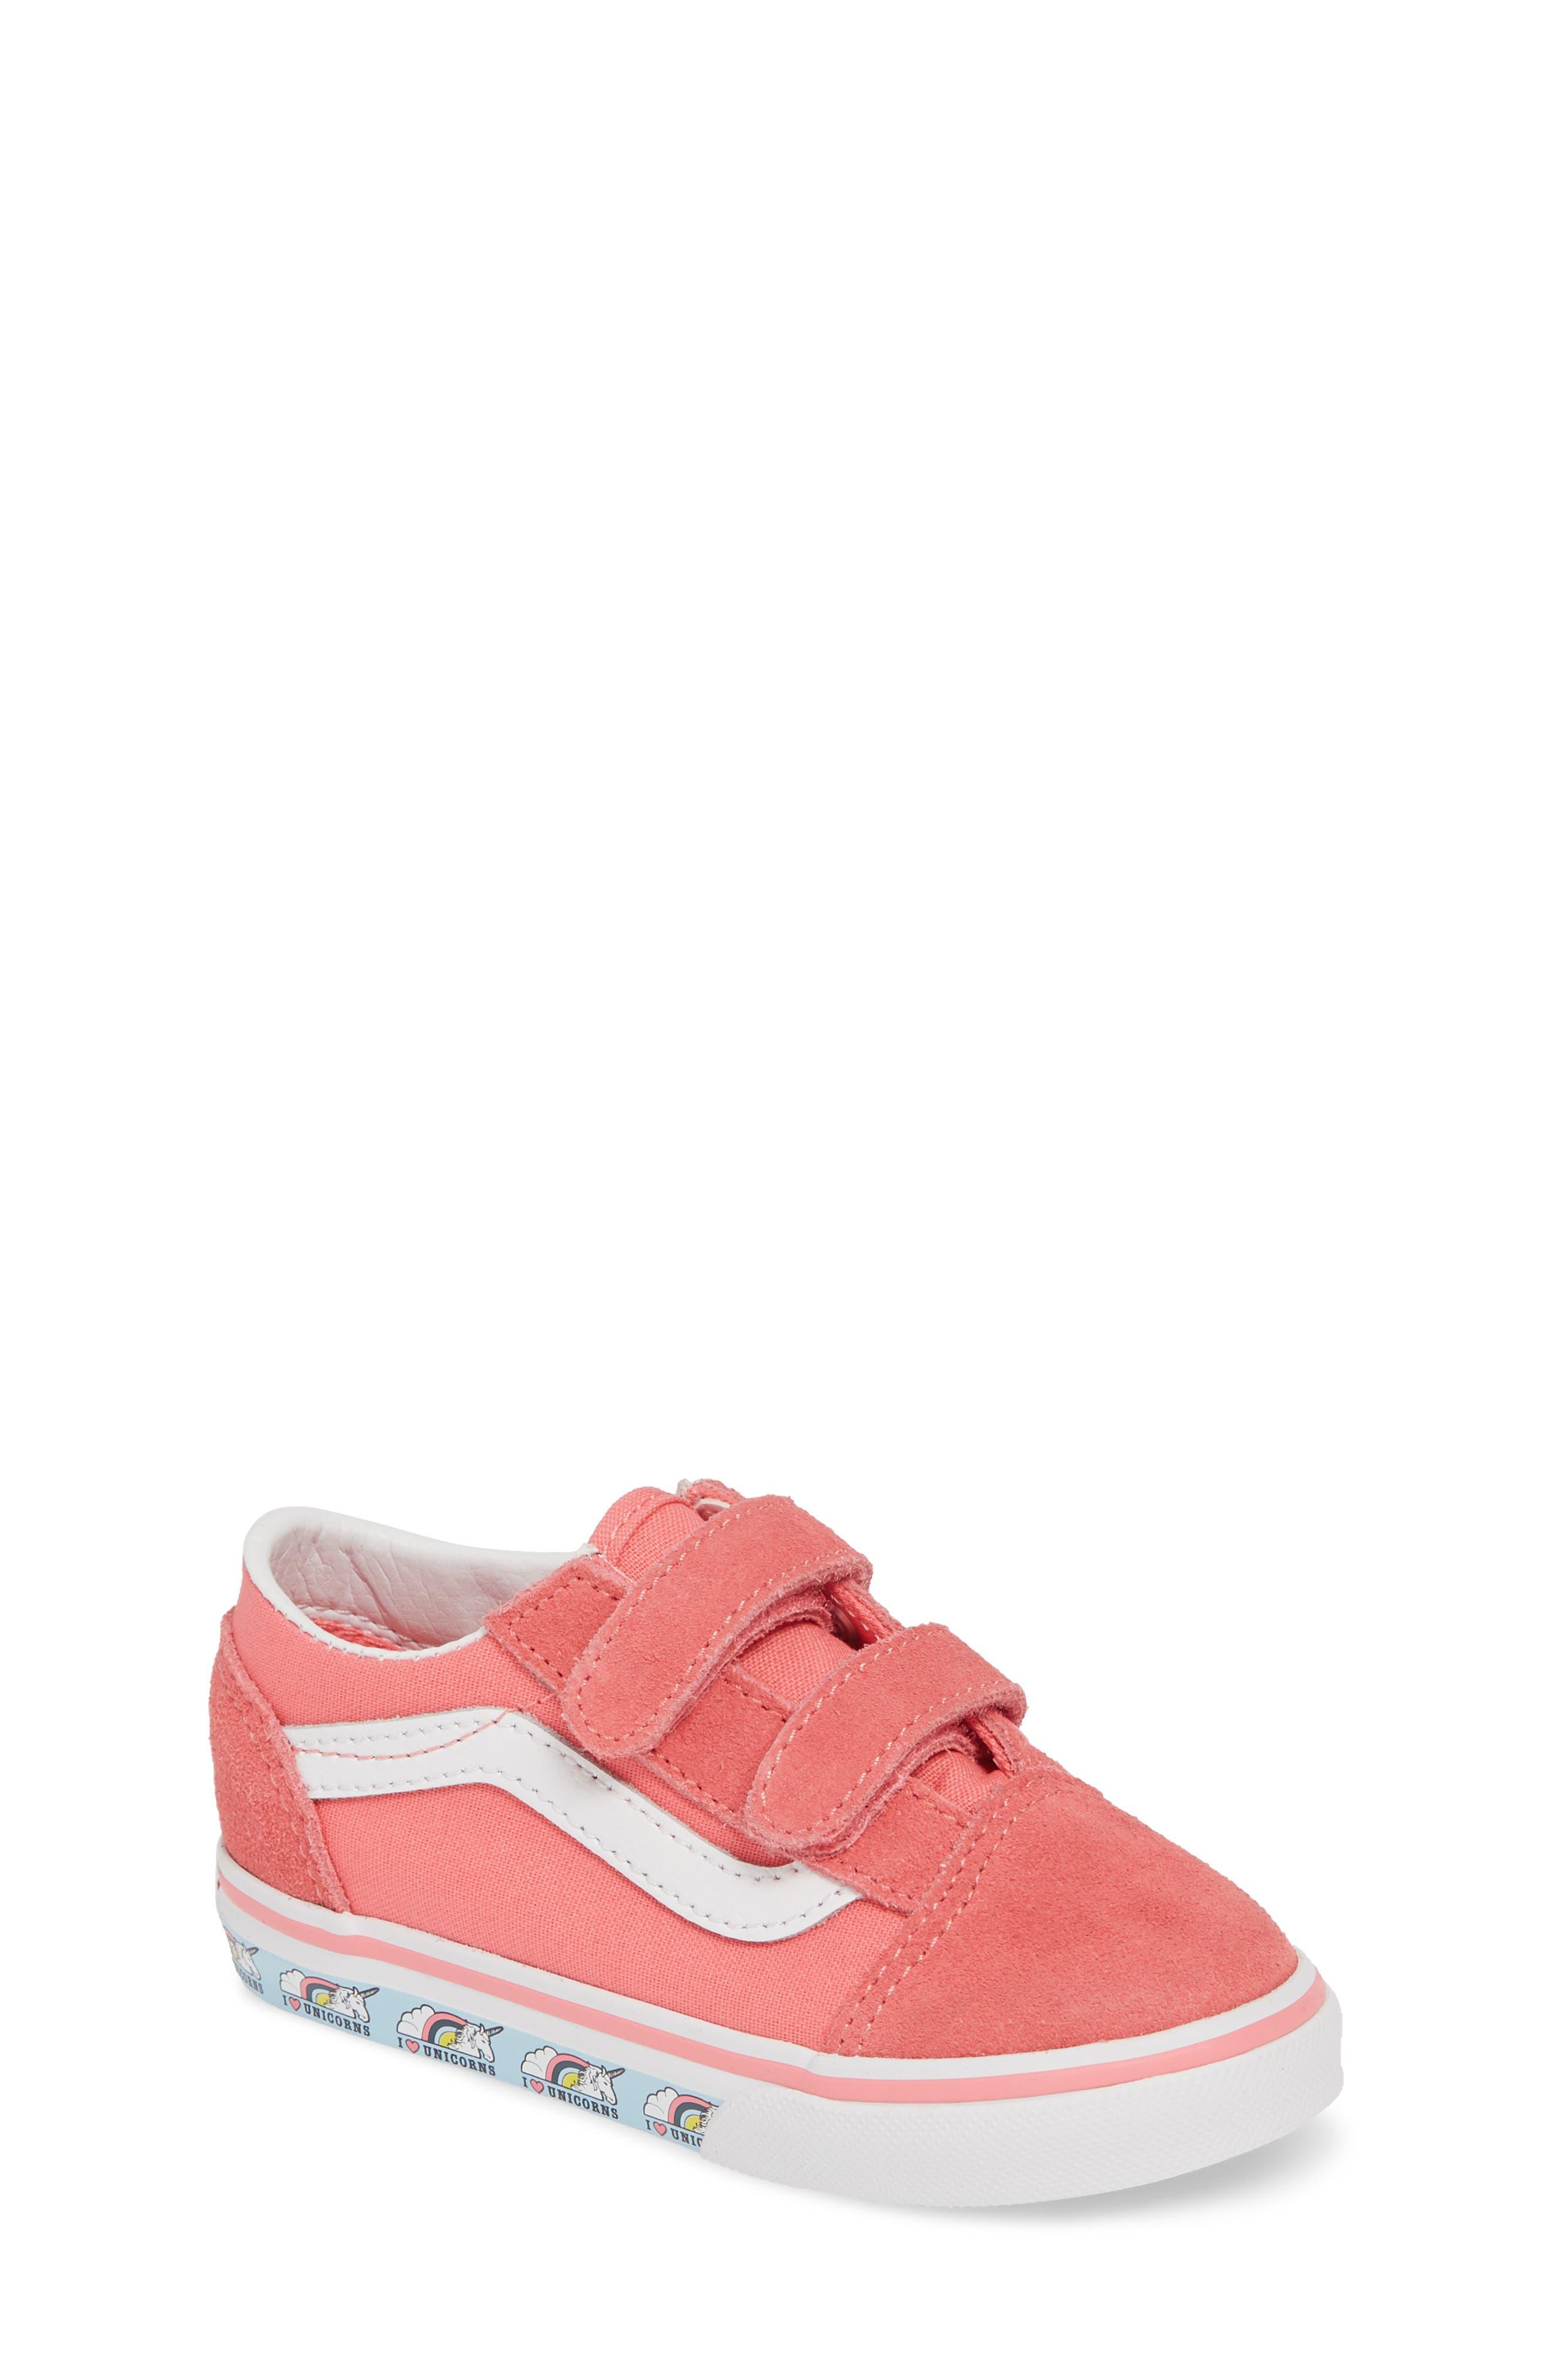 6648599777e Toddler Girl s Vans  Old Skool V  Sneaker